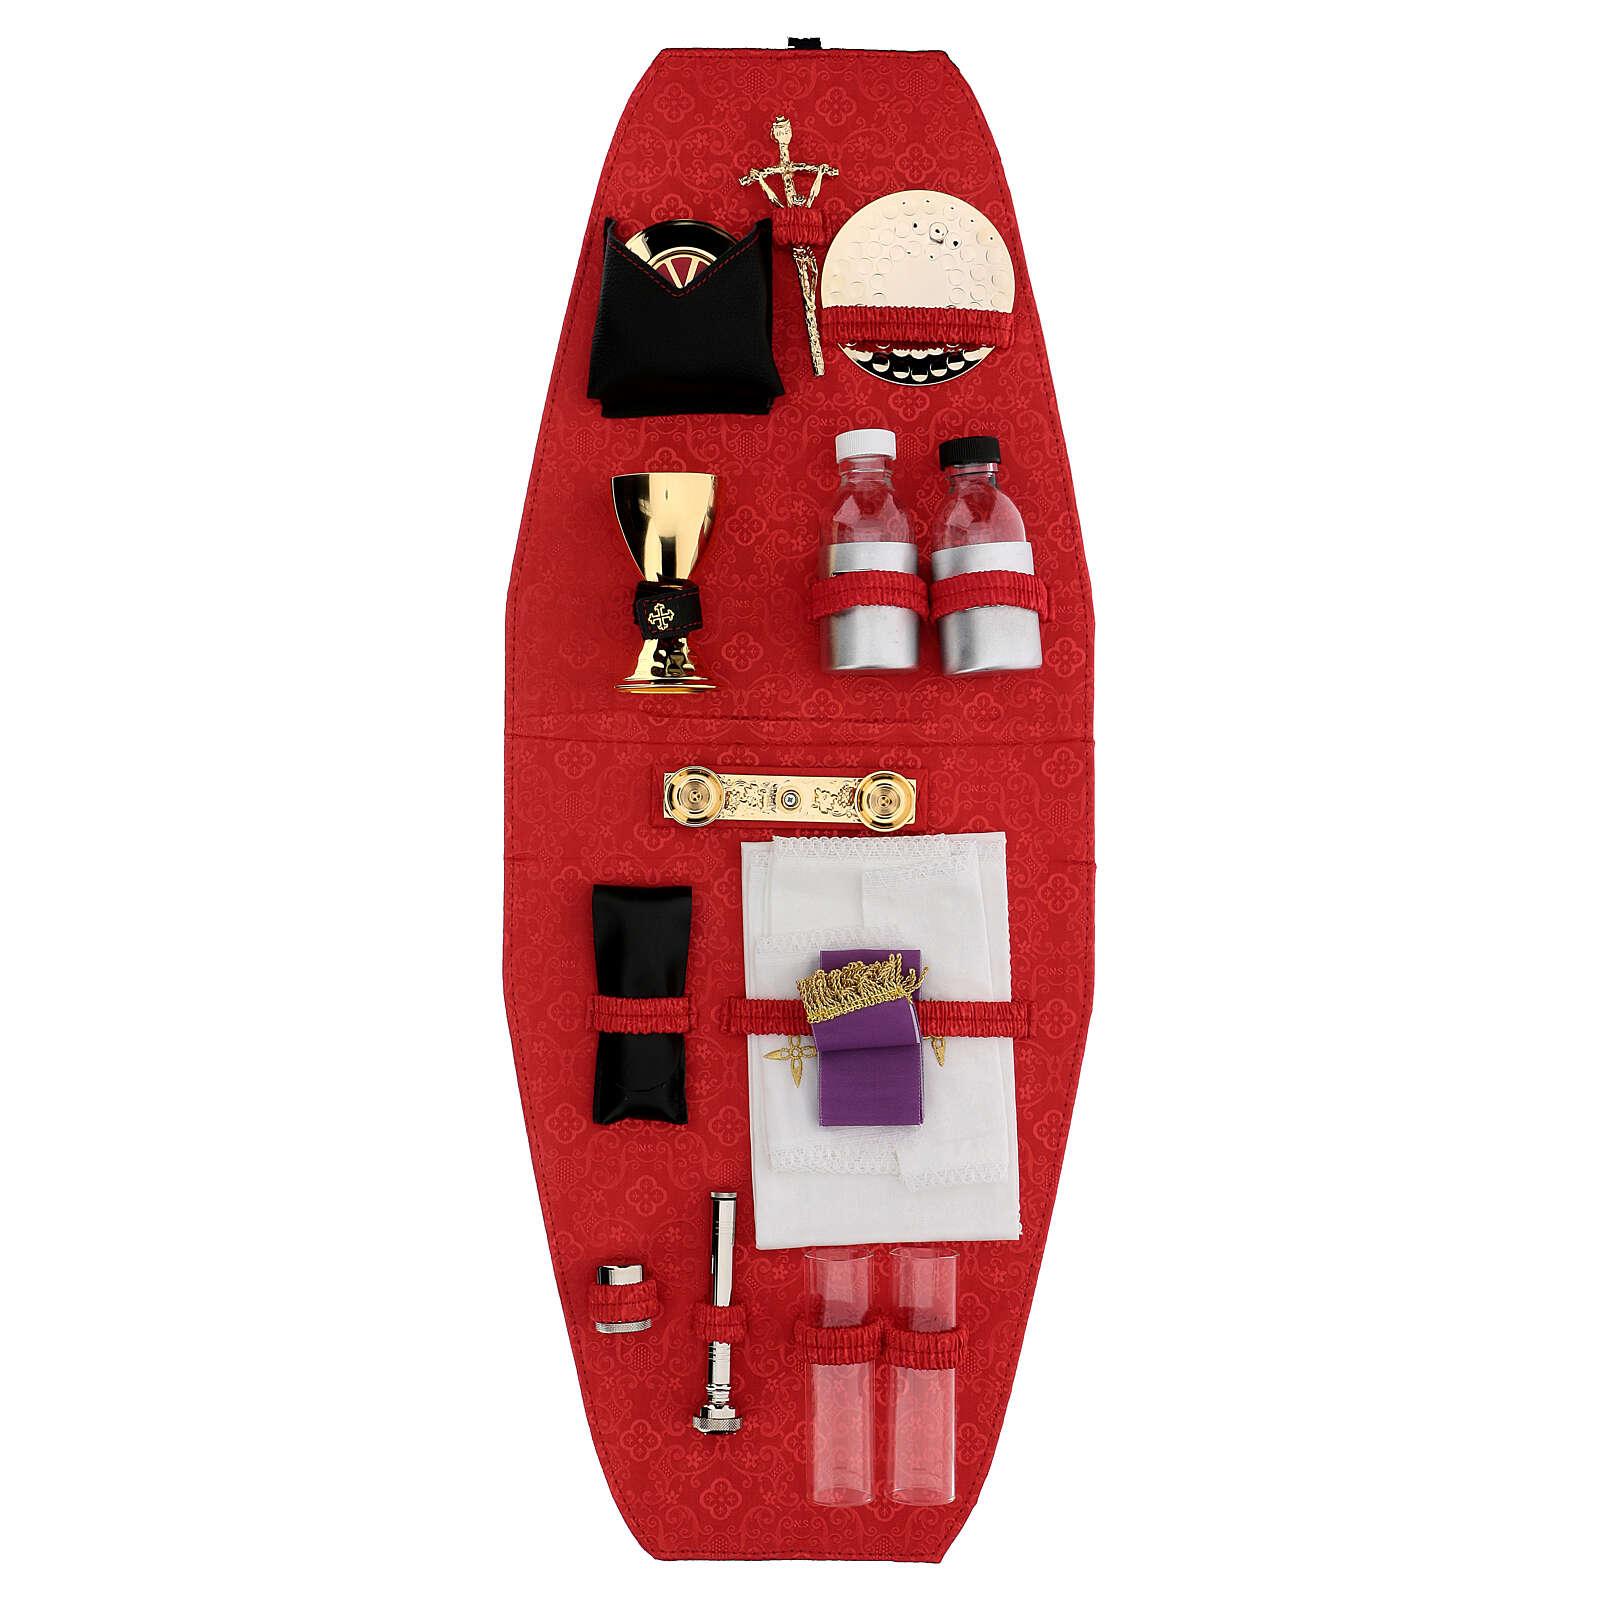 Sac-à-dos pour célébration avec intérieur en jacquard rouge 3